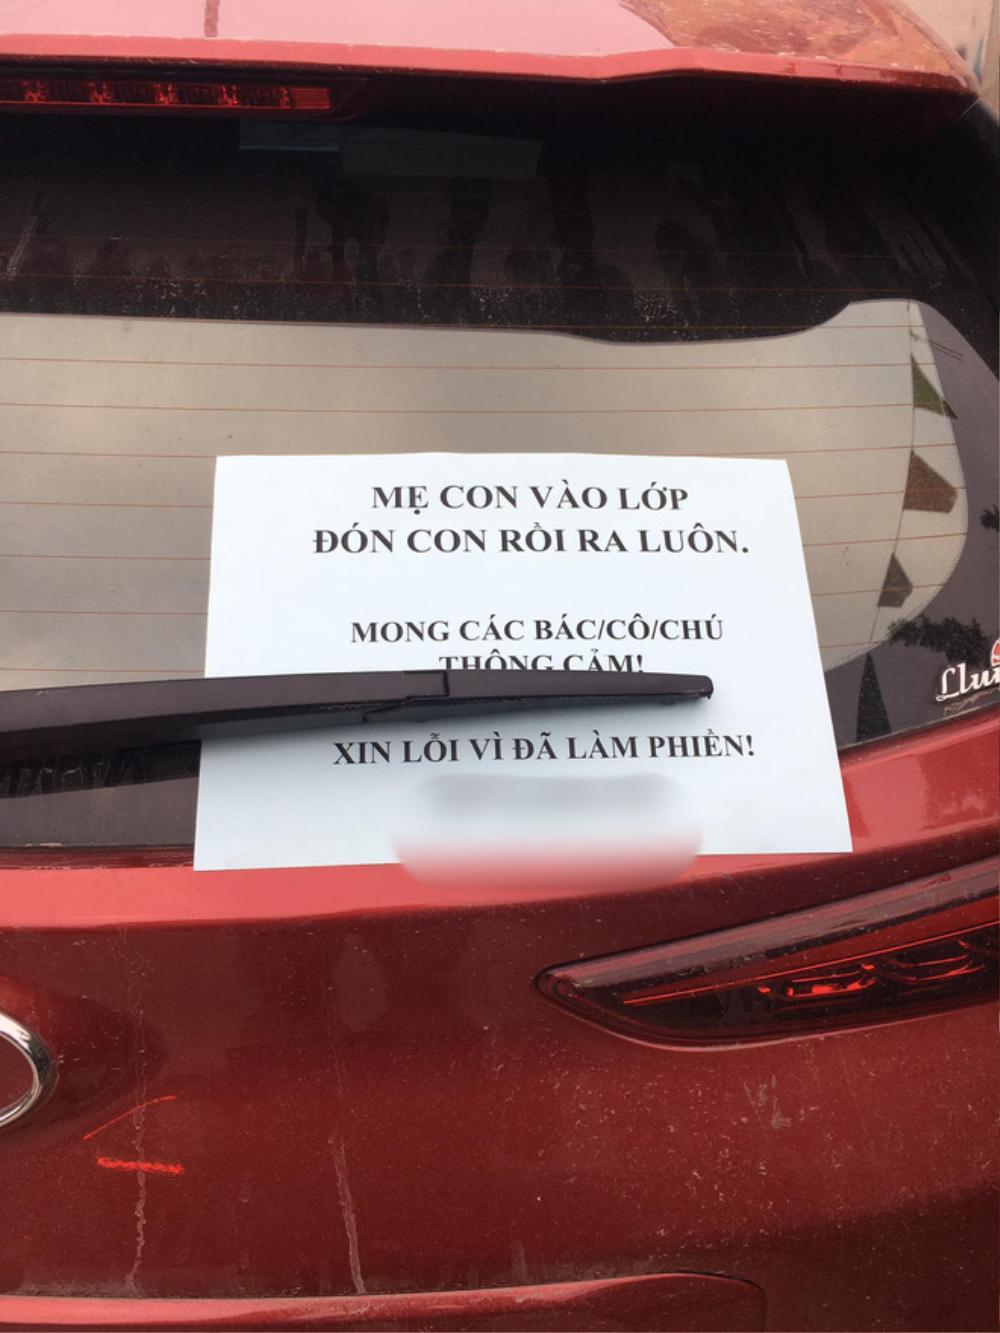 Đậu ô tô bên lề đường rồi vào trường đón con, người phụ nữ nhận được lời khen với tờ giấy để lại trên xe Ảnh 2